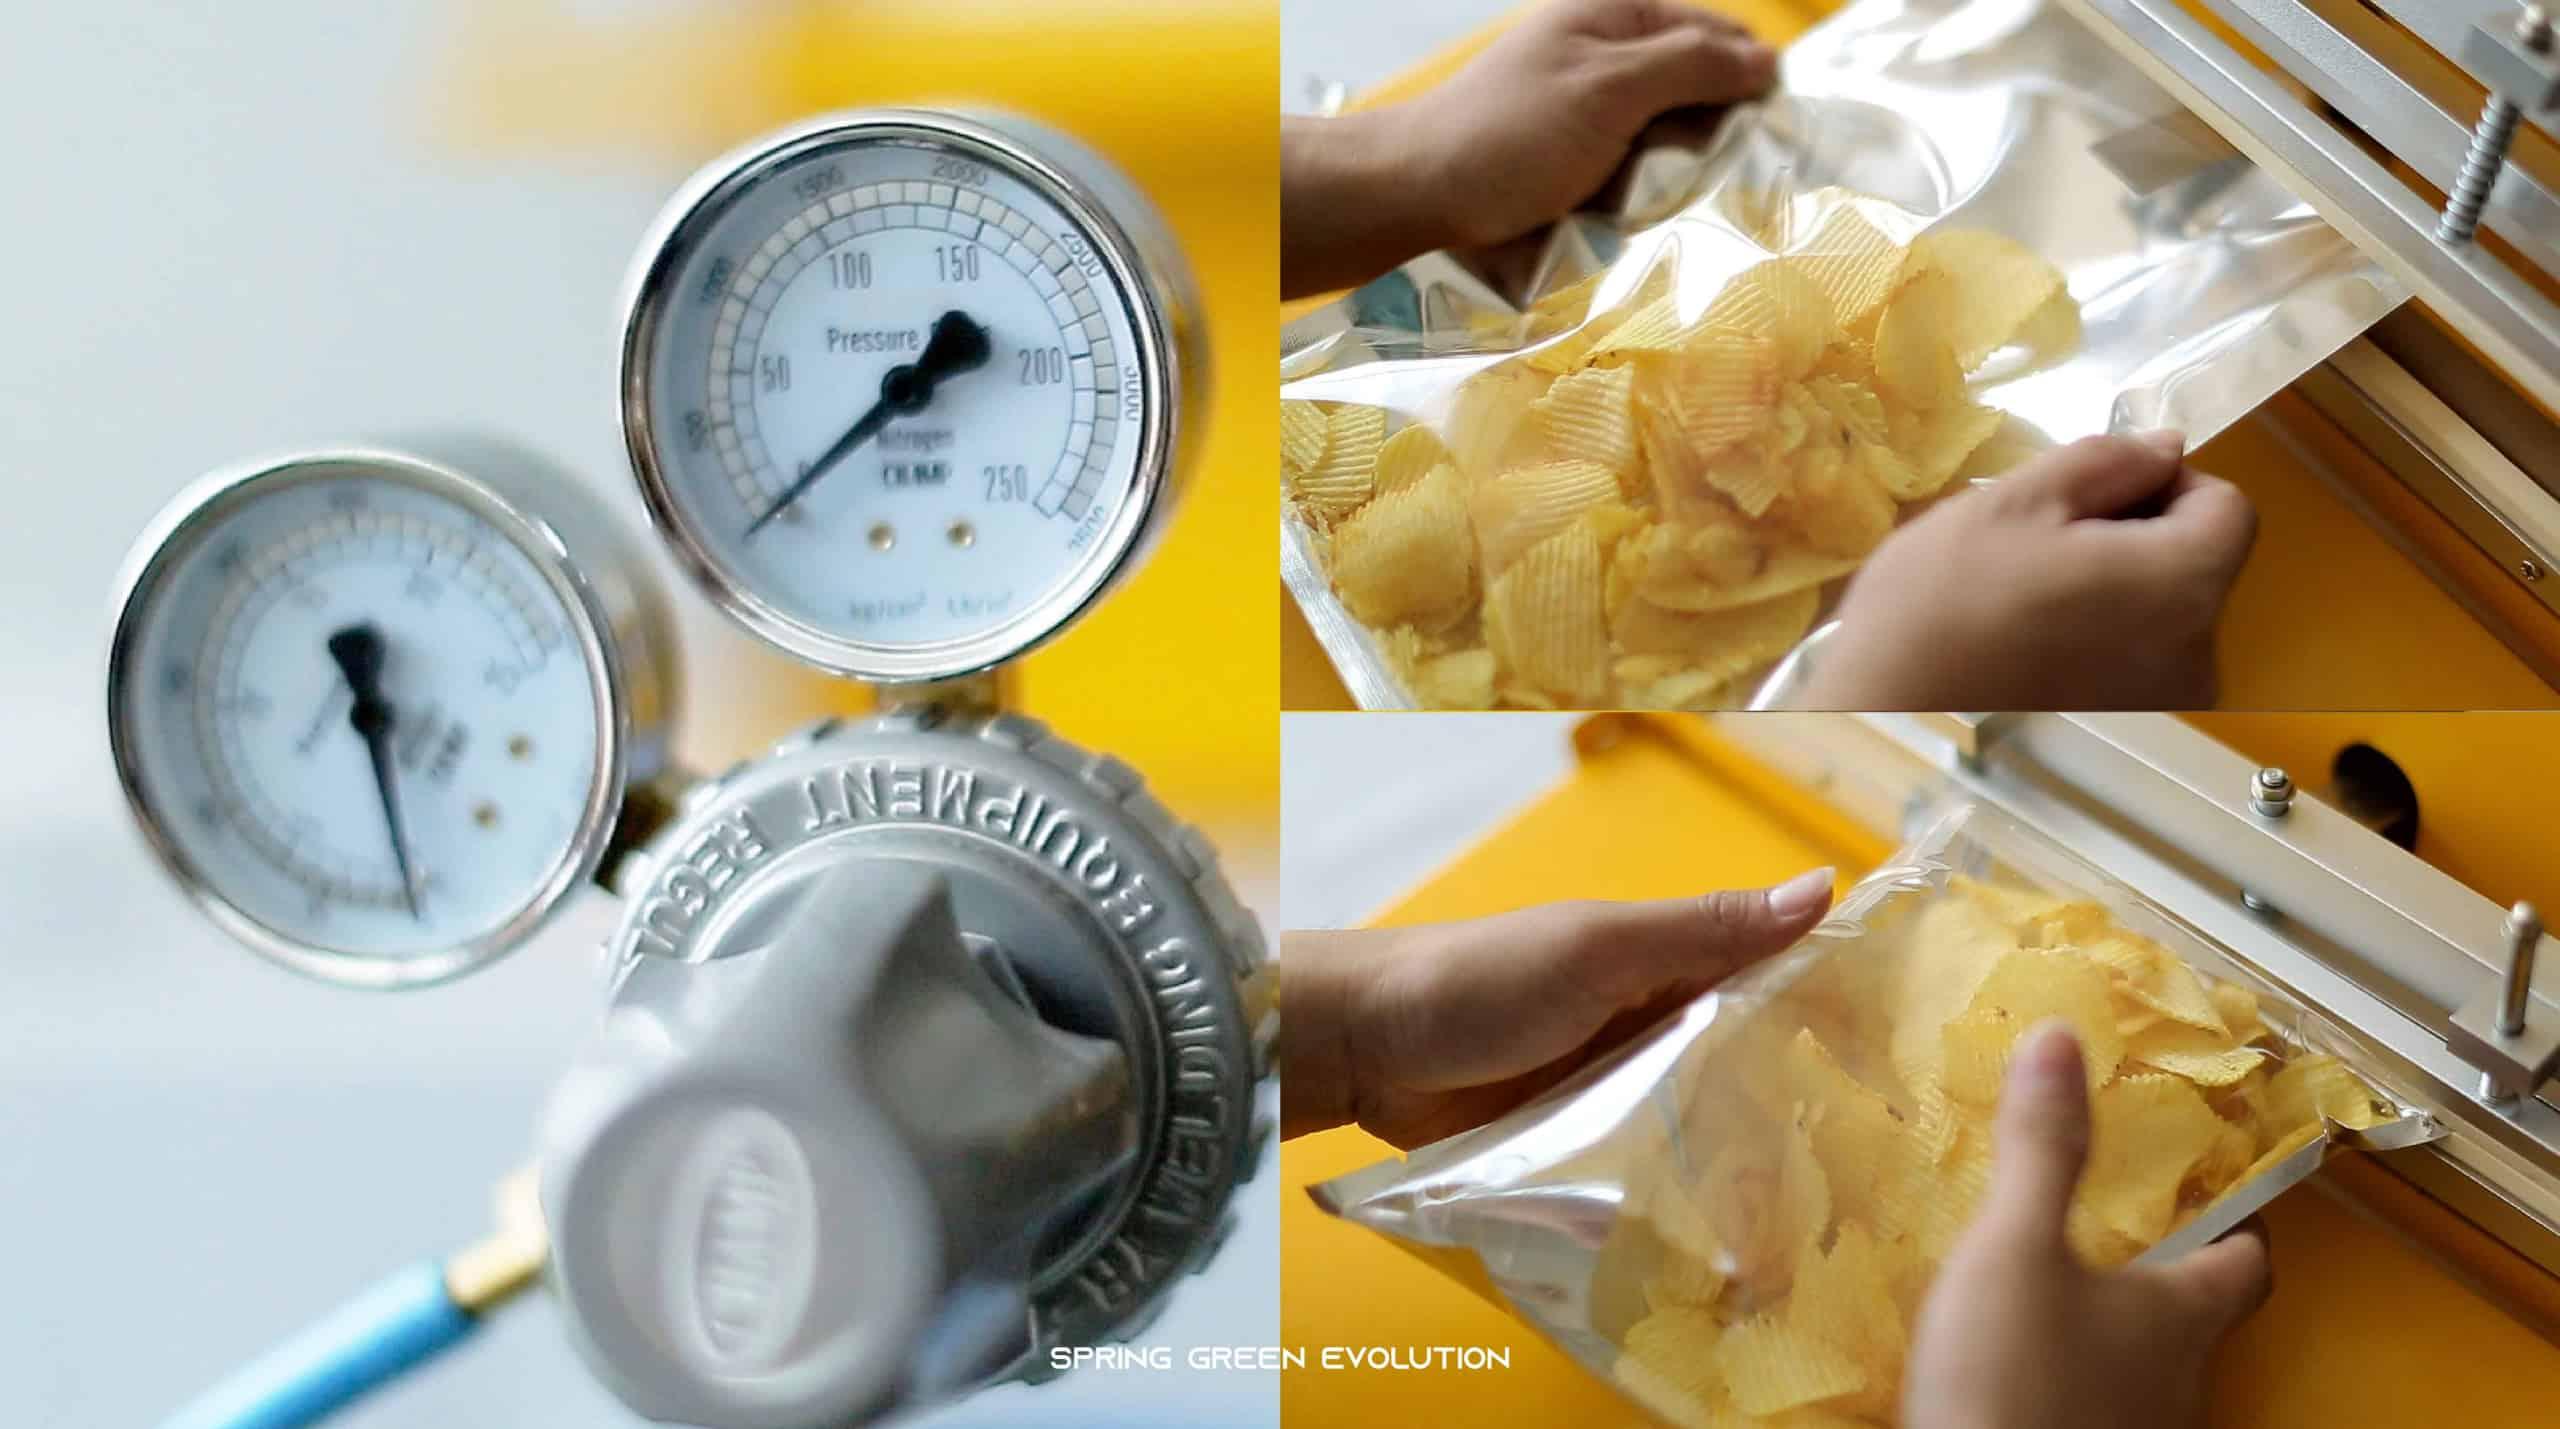 201118-Content-หลักการถนอมอาหารและเมนูถนอมอาหาร-11